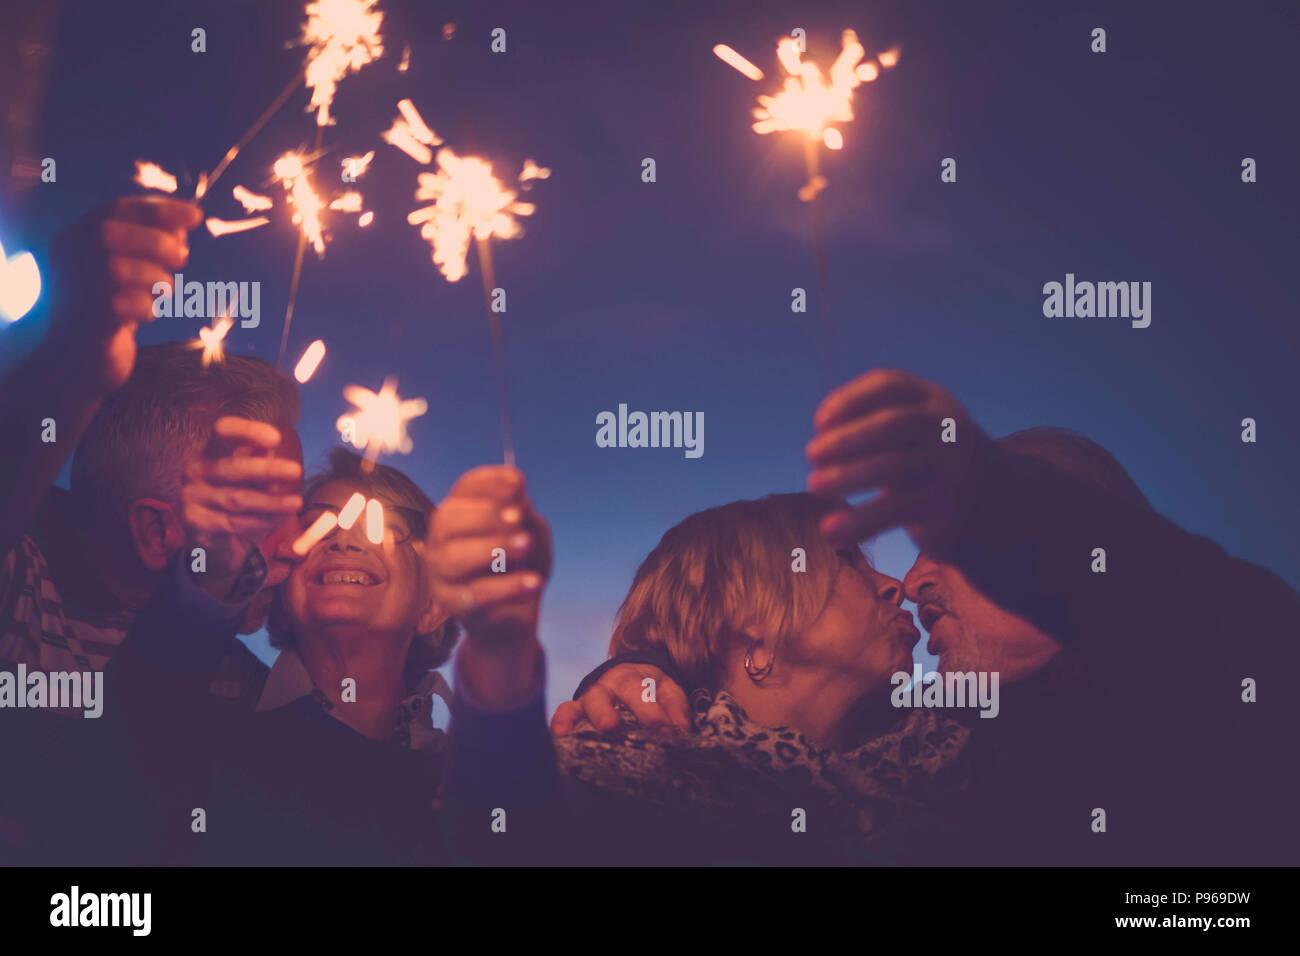 Feier Party für Urlaub Nacht oder Silvester 2019. Gruppe älterer Männer und Frauen, die Menschen mit Feuer Funken. Jeder küssen und mit viel f Stockbild